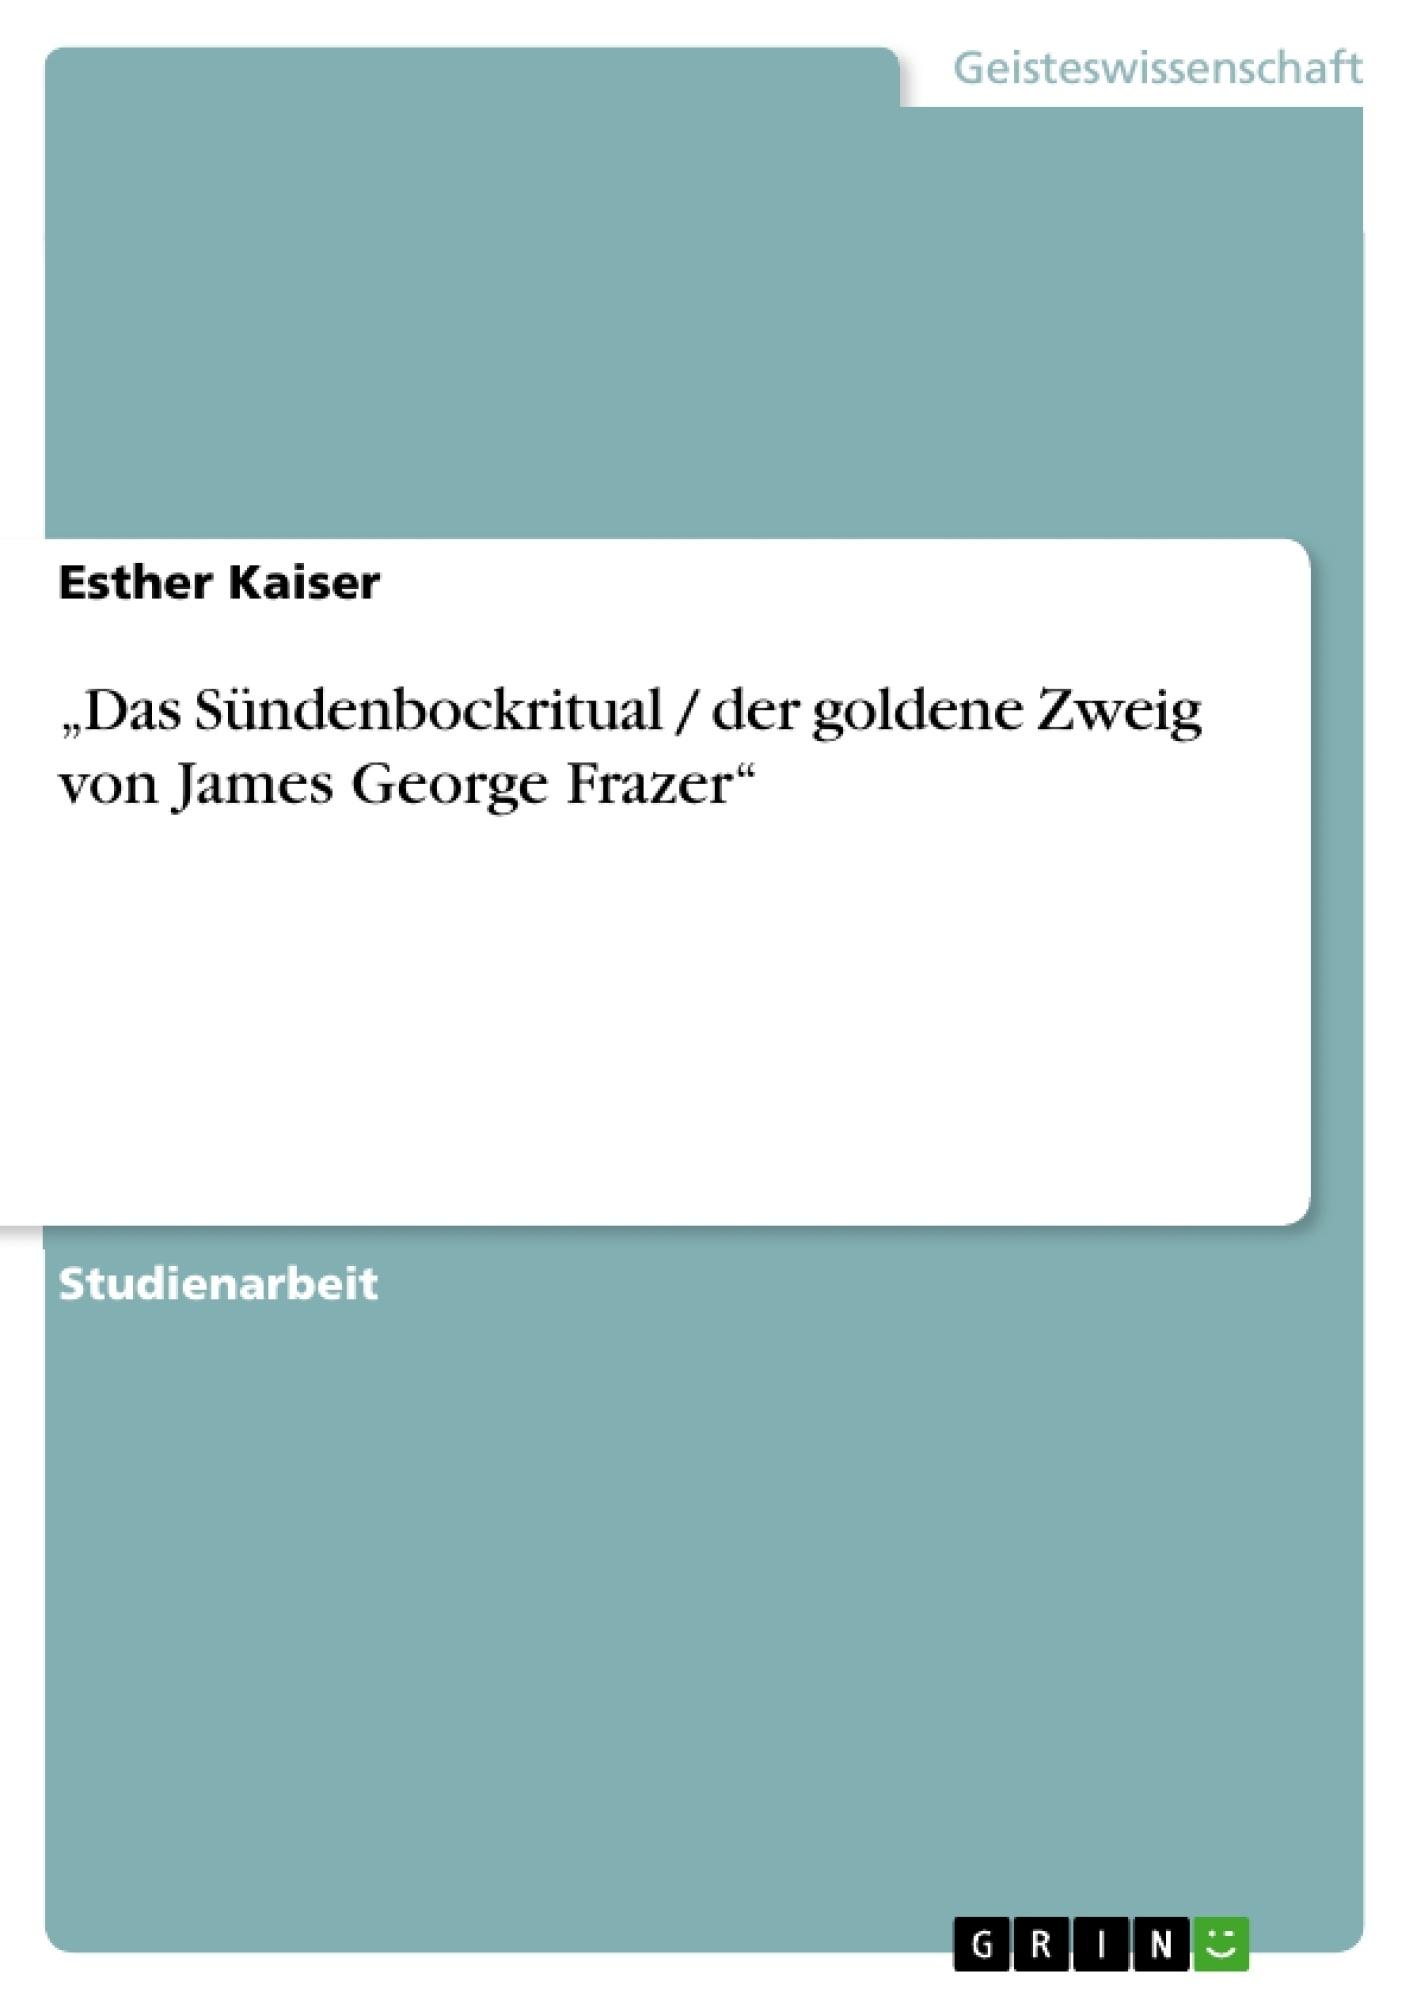 """Titel: """"Das Sündenbockritual / der goldene Zweig von James George Frazer"""""""